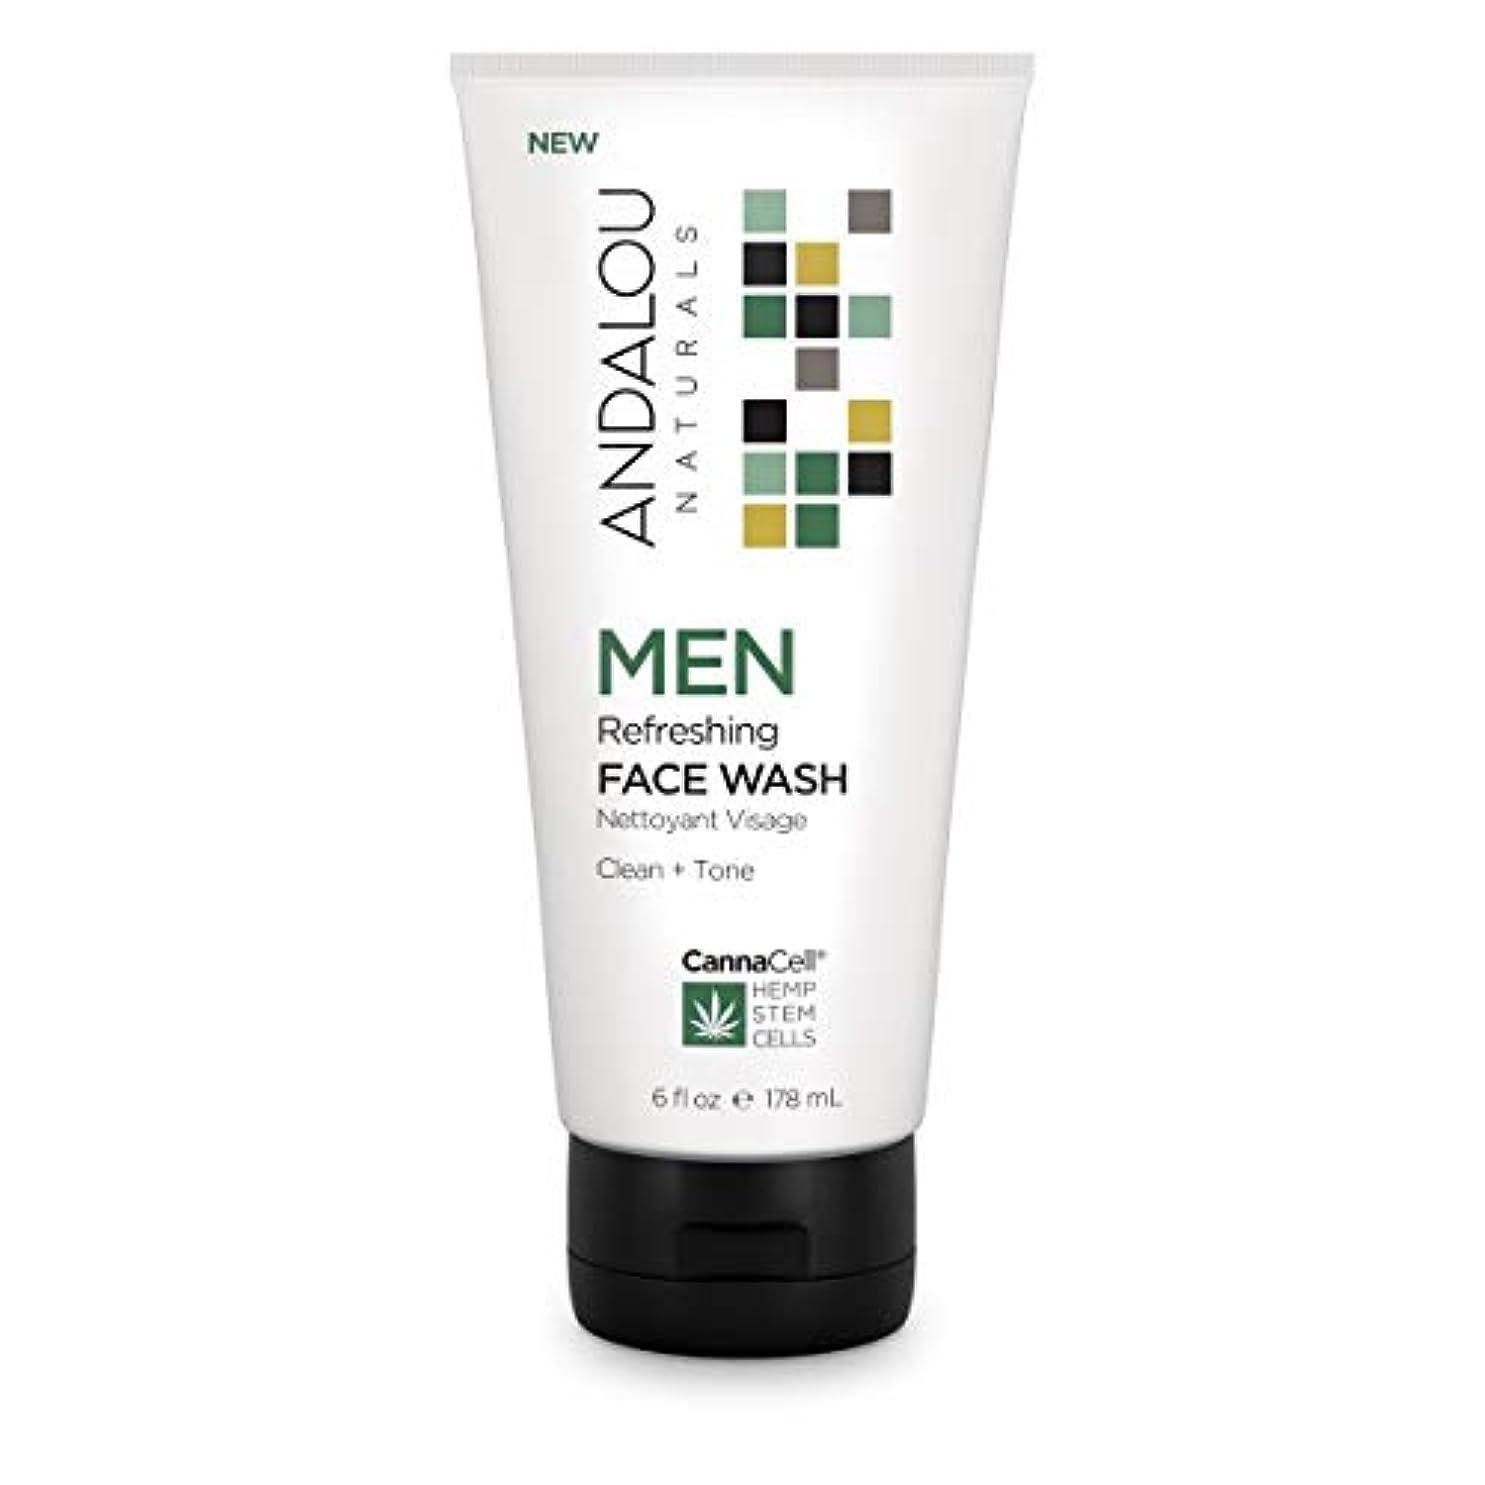 噛む一瞬ワーカーオーガニック ボタニカル 洗顔料 洗顔フォーム ナチュラル フルーツ幹細胞 ヘンプ幹細胞 「 MEN リフレッシングフェイスウォッシュ 」 ANDALOU naturals アンダルー ナチュラルズ